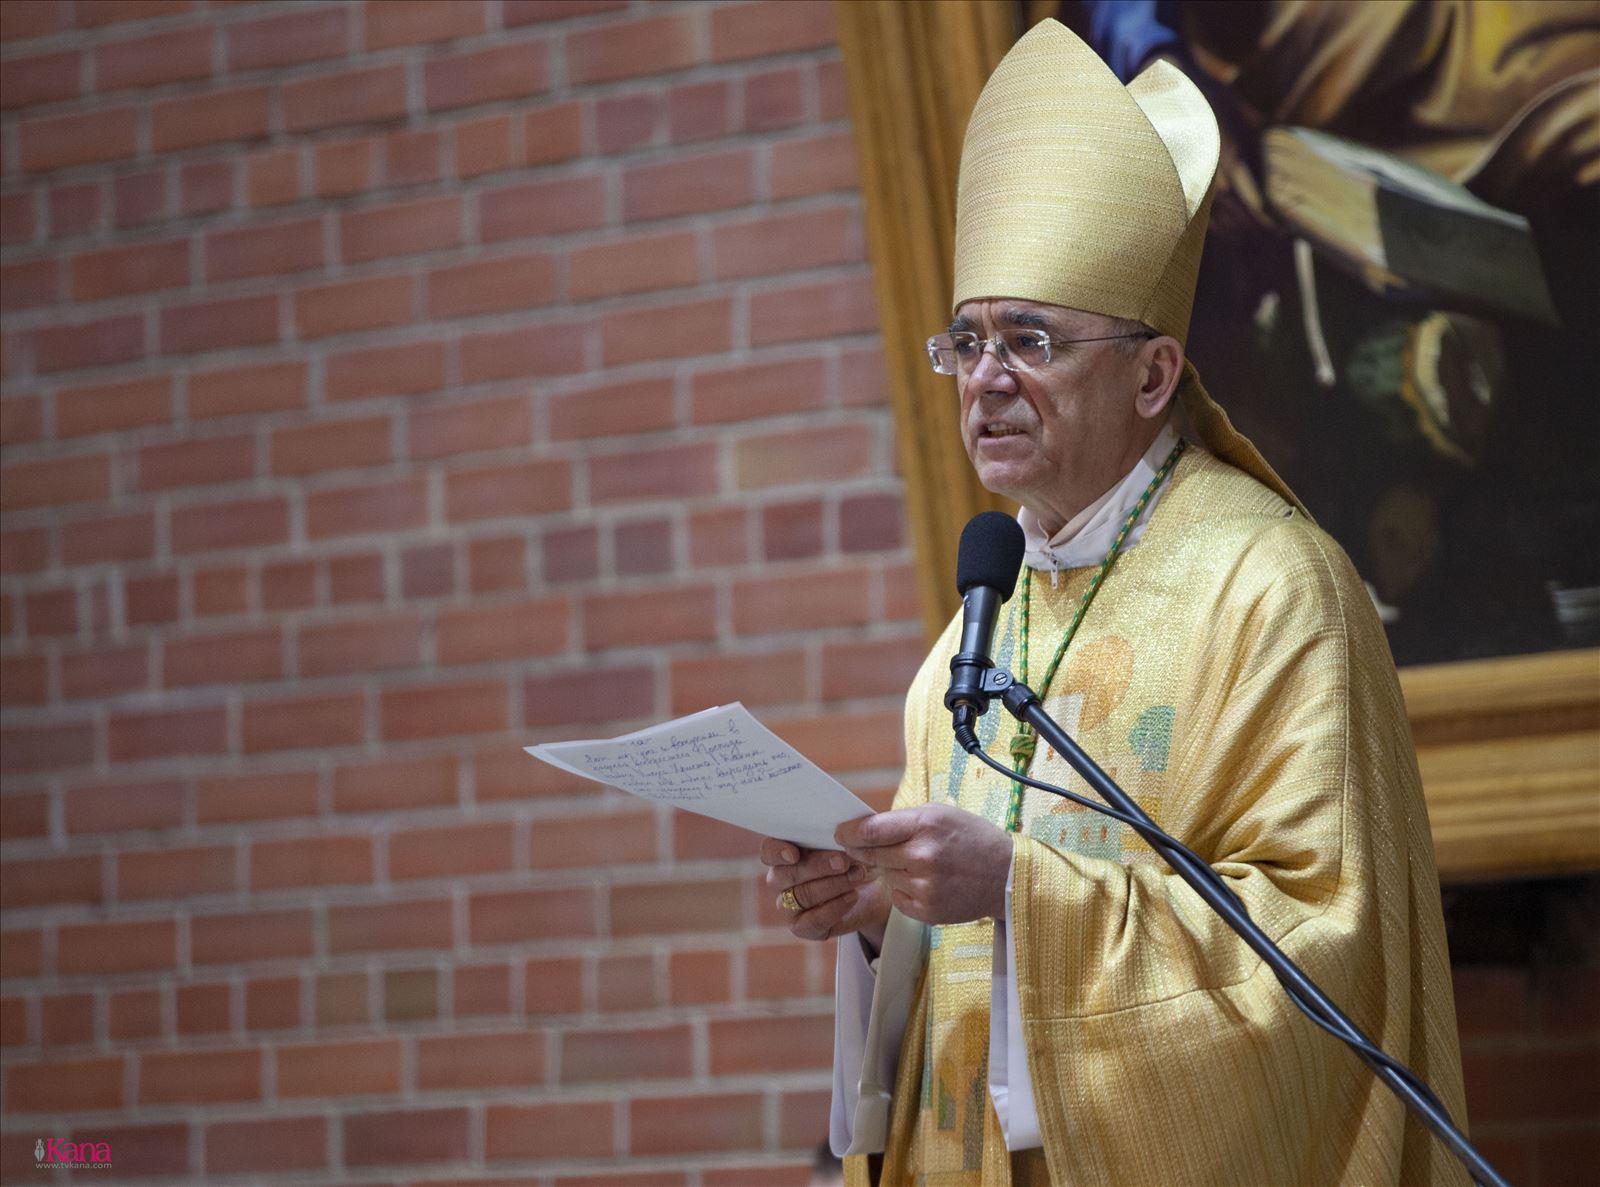 Проповедь Владыки Иосифа Верта на Мессе Святой Пасхальной Ночи. 20 апреля, Кафедральный собор Преображения Господня